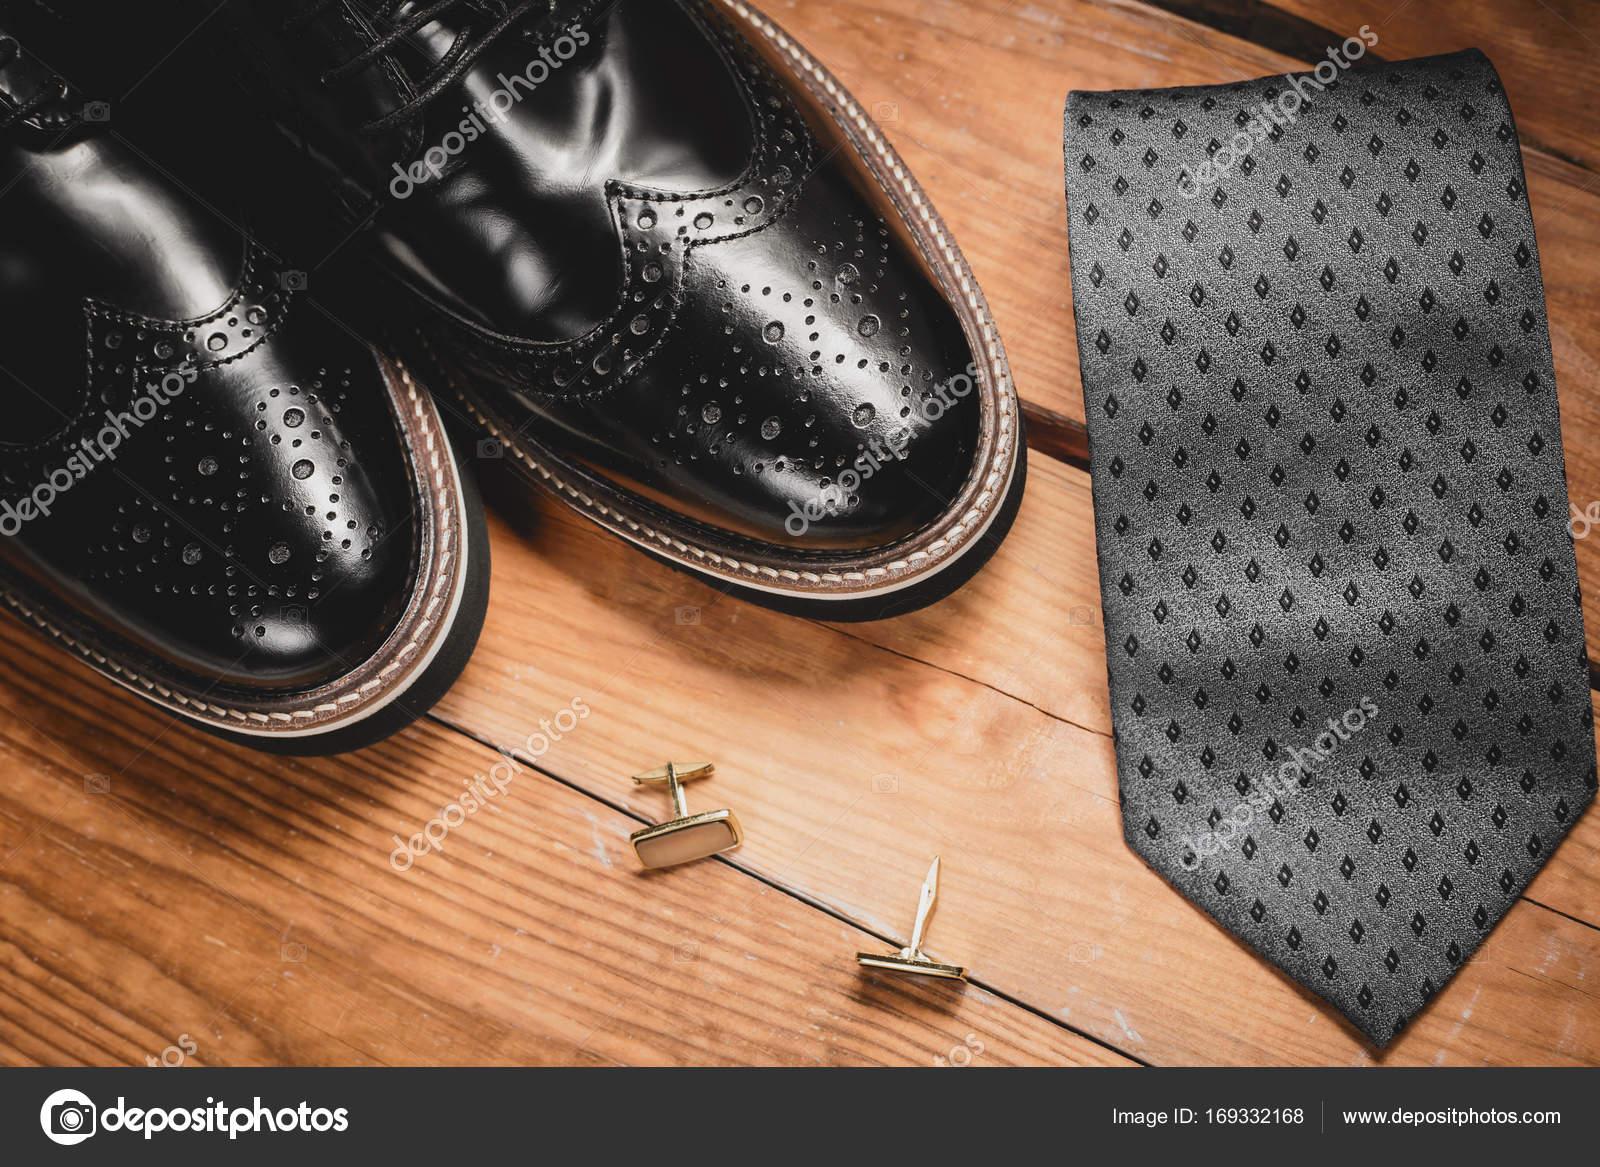 73f9bc4061b Ανδρικό αξεσουάρ. Παπούτσια με γραβάτα και μανσέτα — Φωτογραφία ...